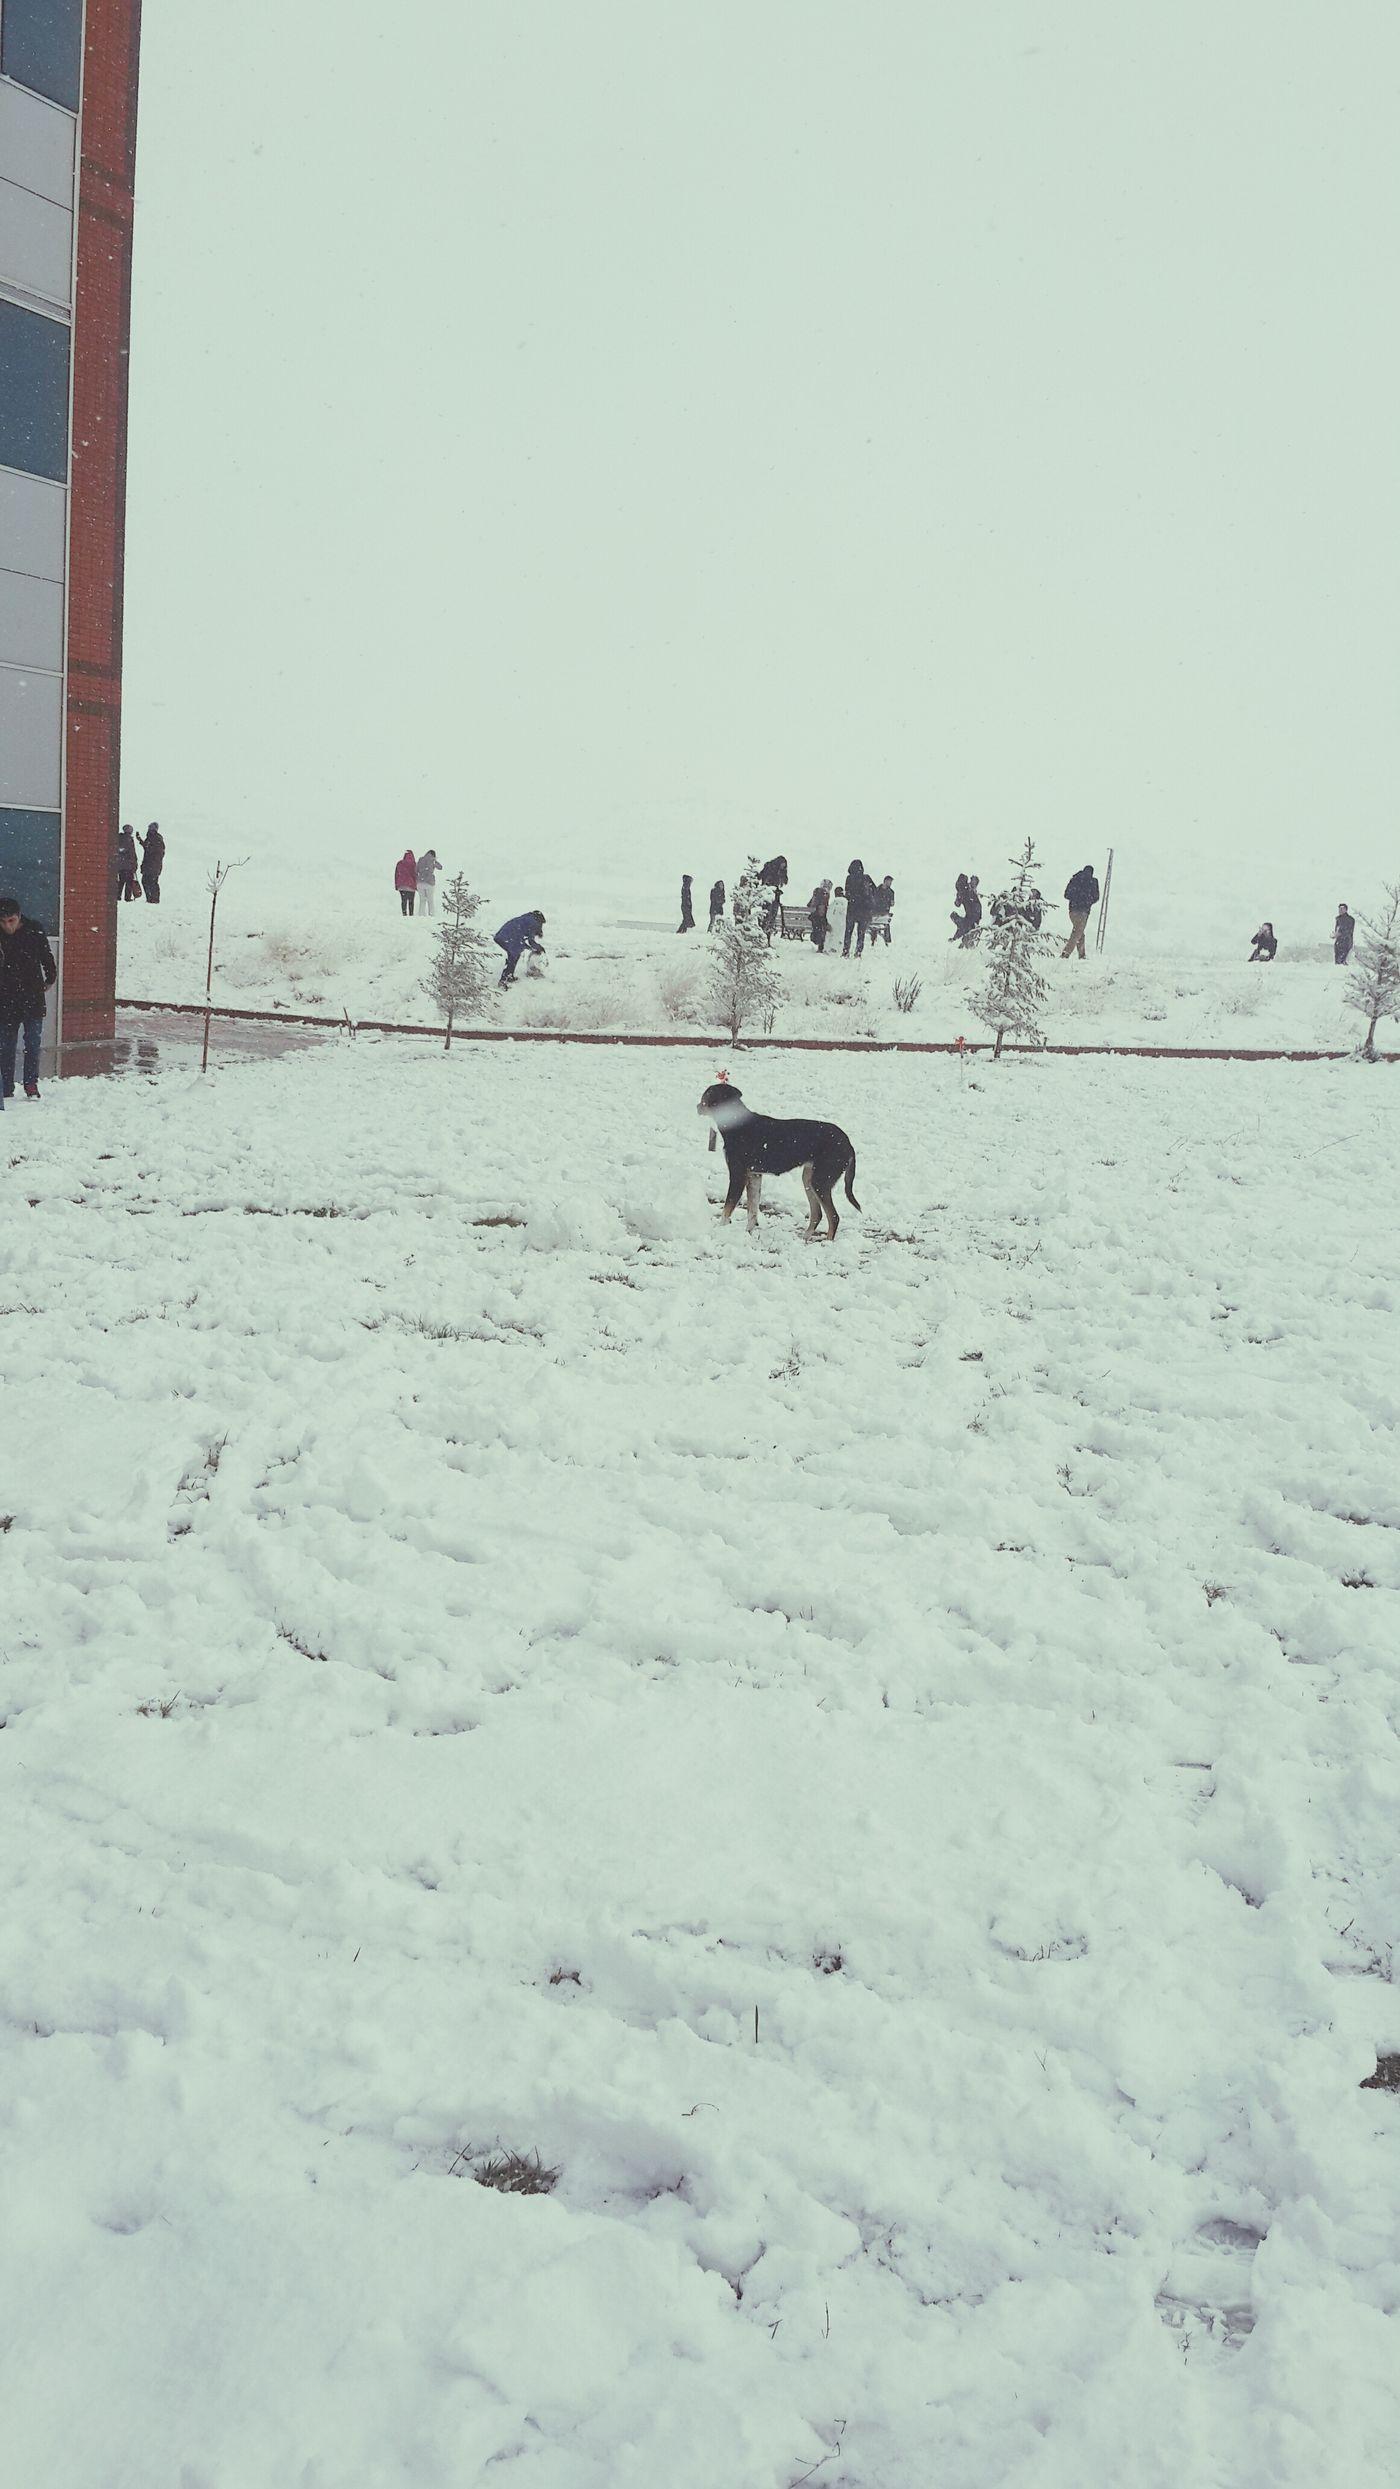 Snow ❄ Kardanadam.. o köpek bizim kardanadamımızı yıktı önünde yatıyor ?